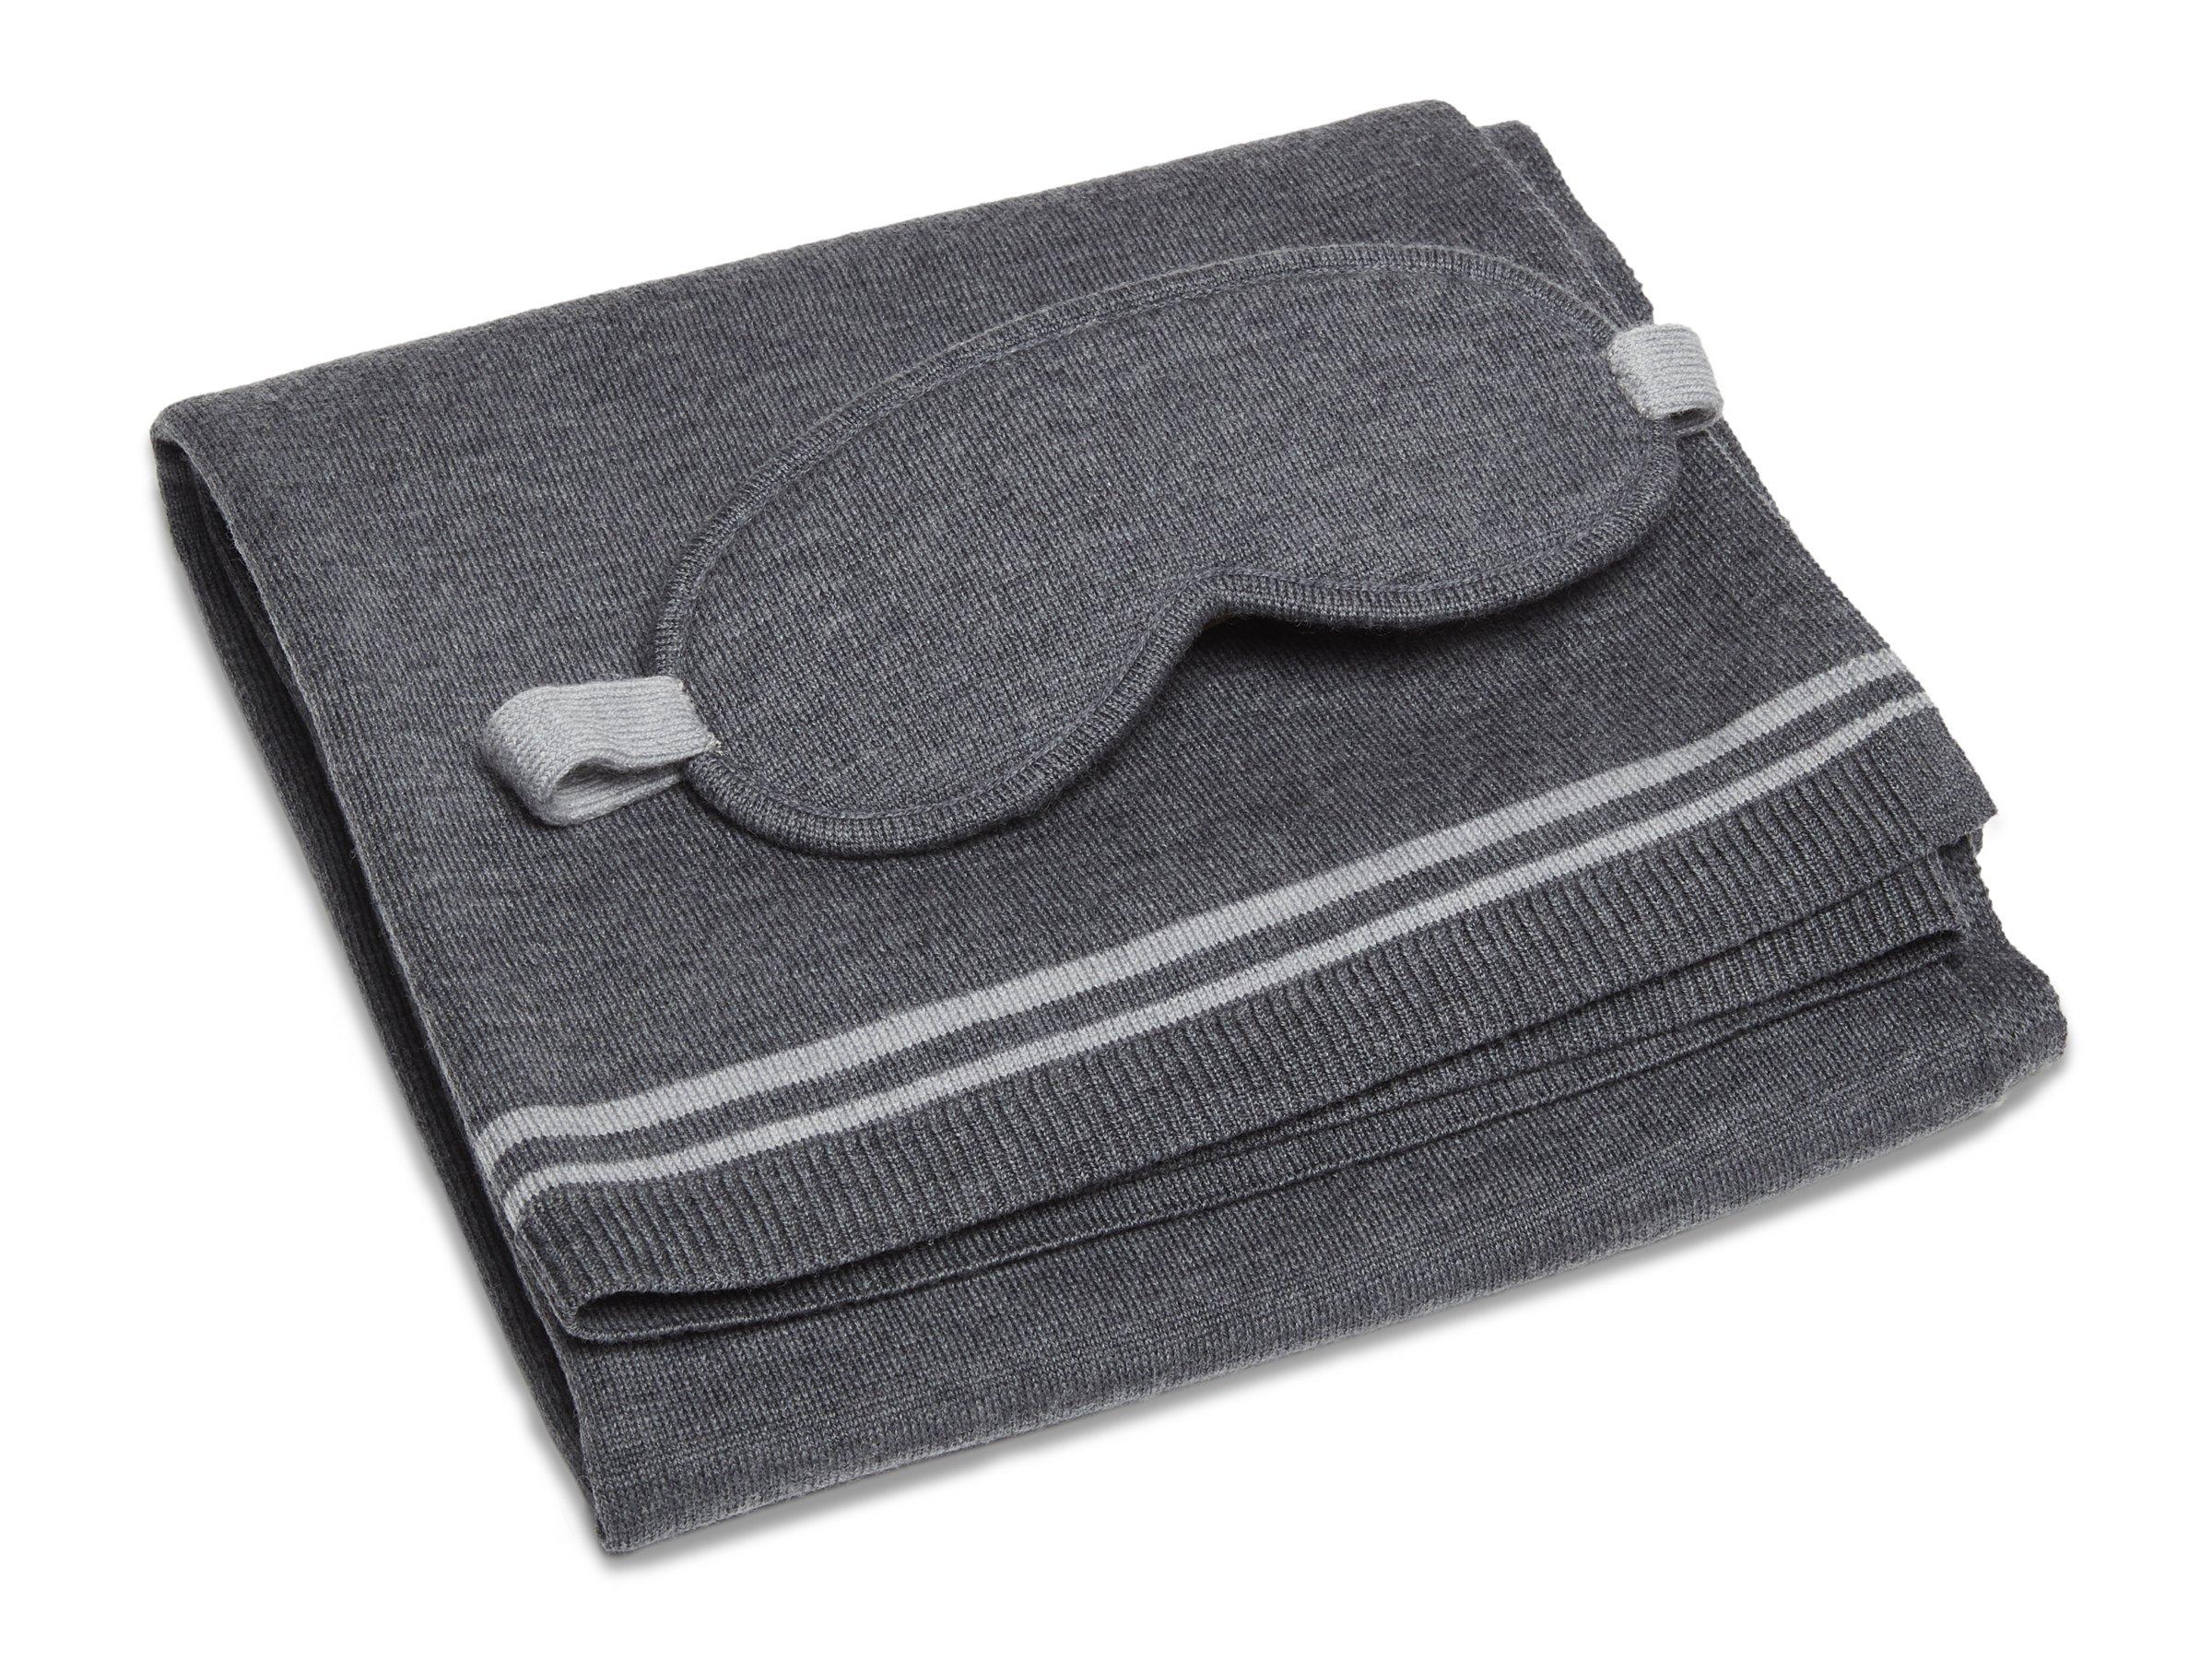 Merino Travel Kit Blanket + Eye Mask + Carrying Case